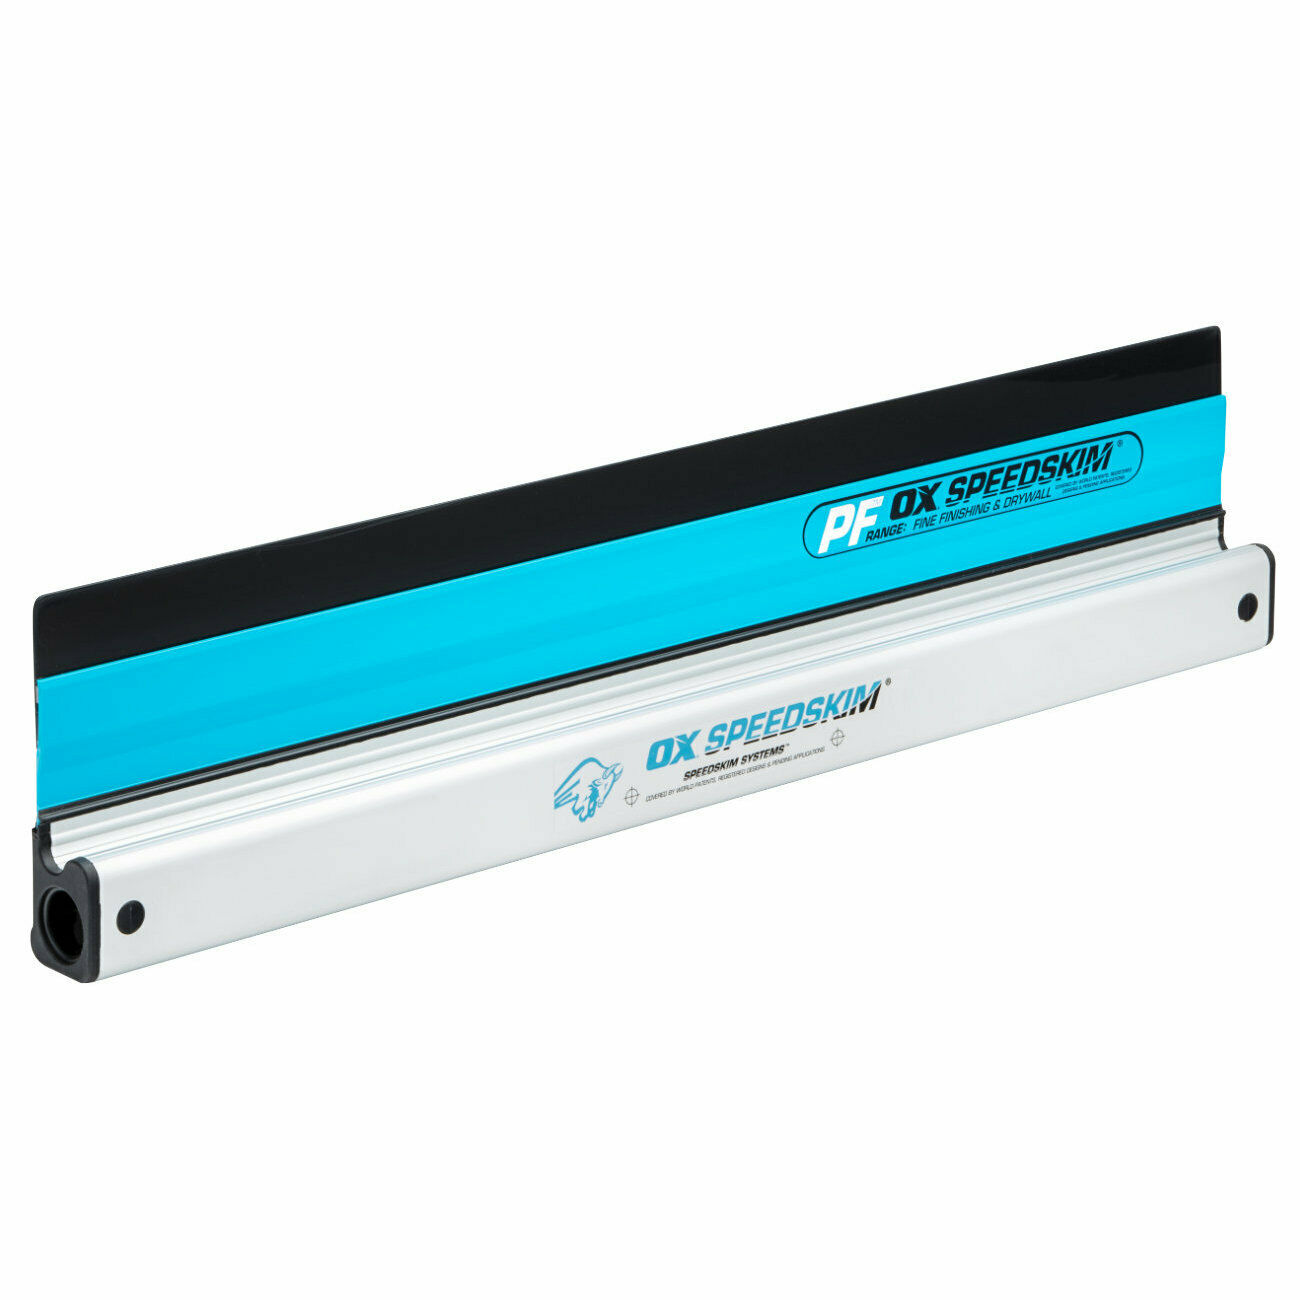 OX PRO SPEEDSKIM PLASTIC - PF (FINE FINISHING & DRYWALL) 900MM